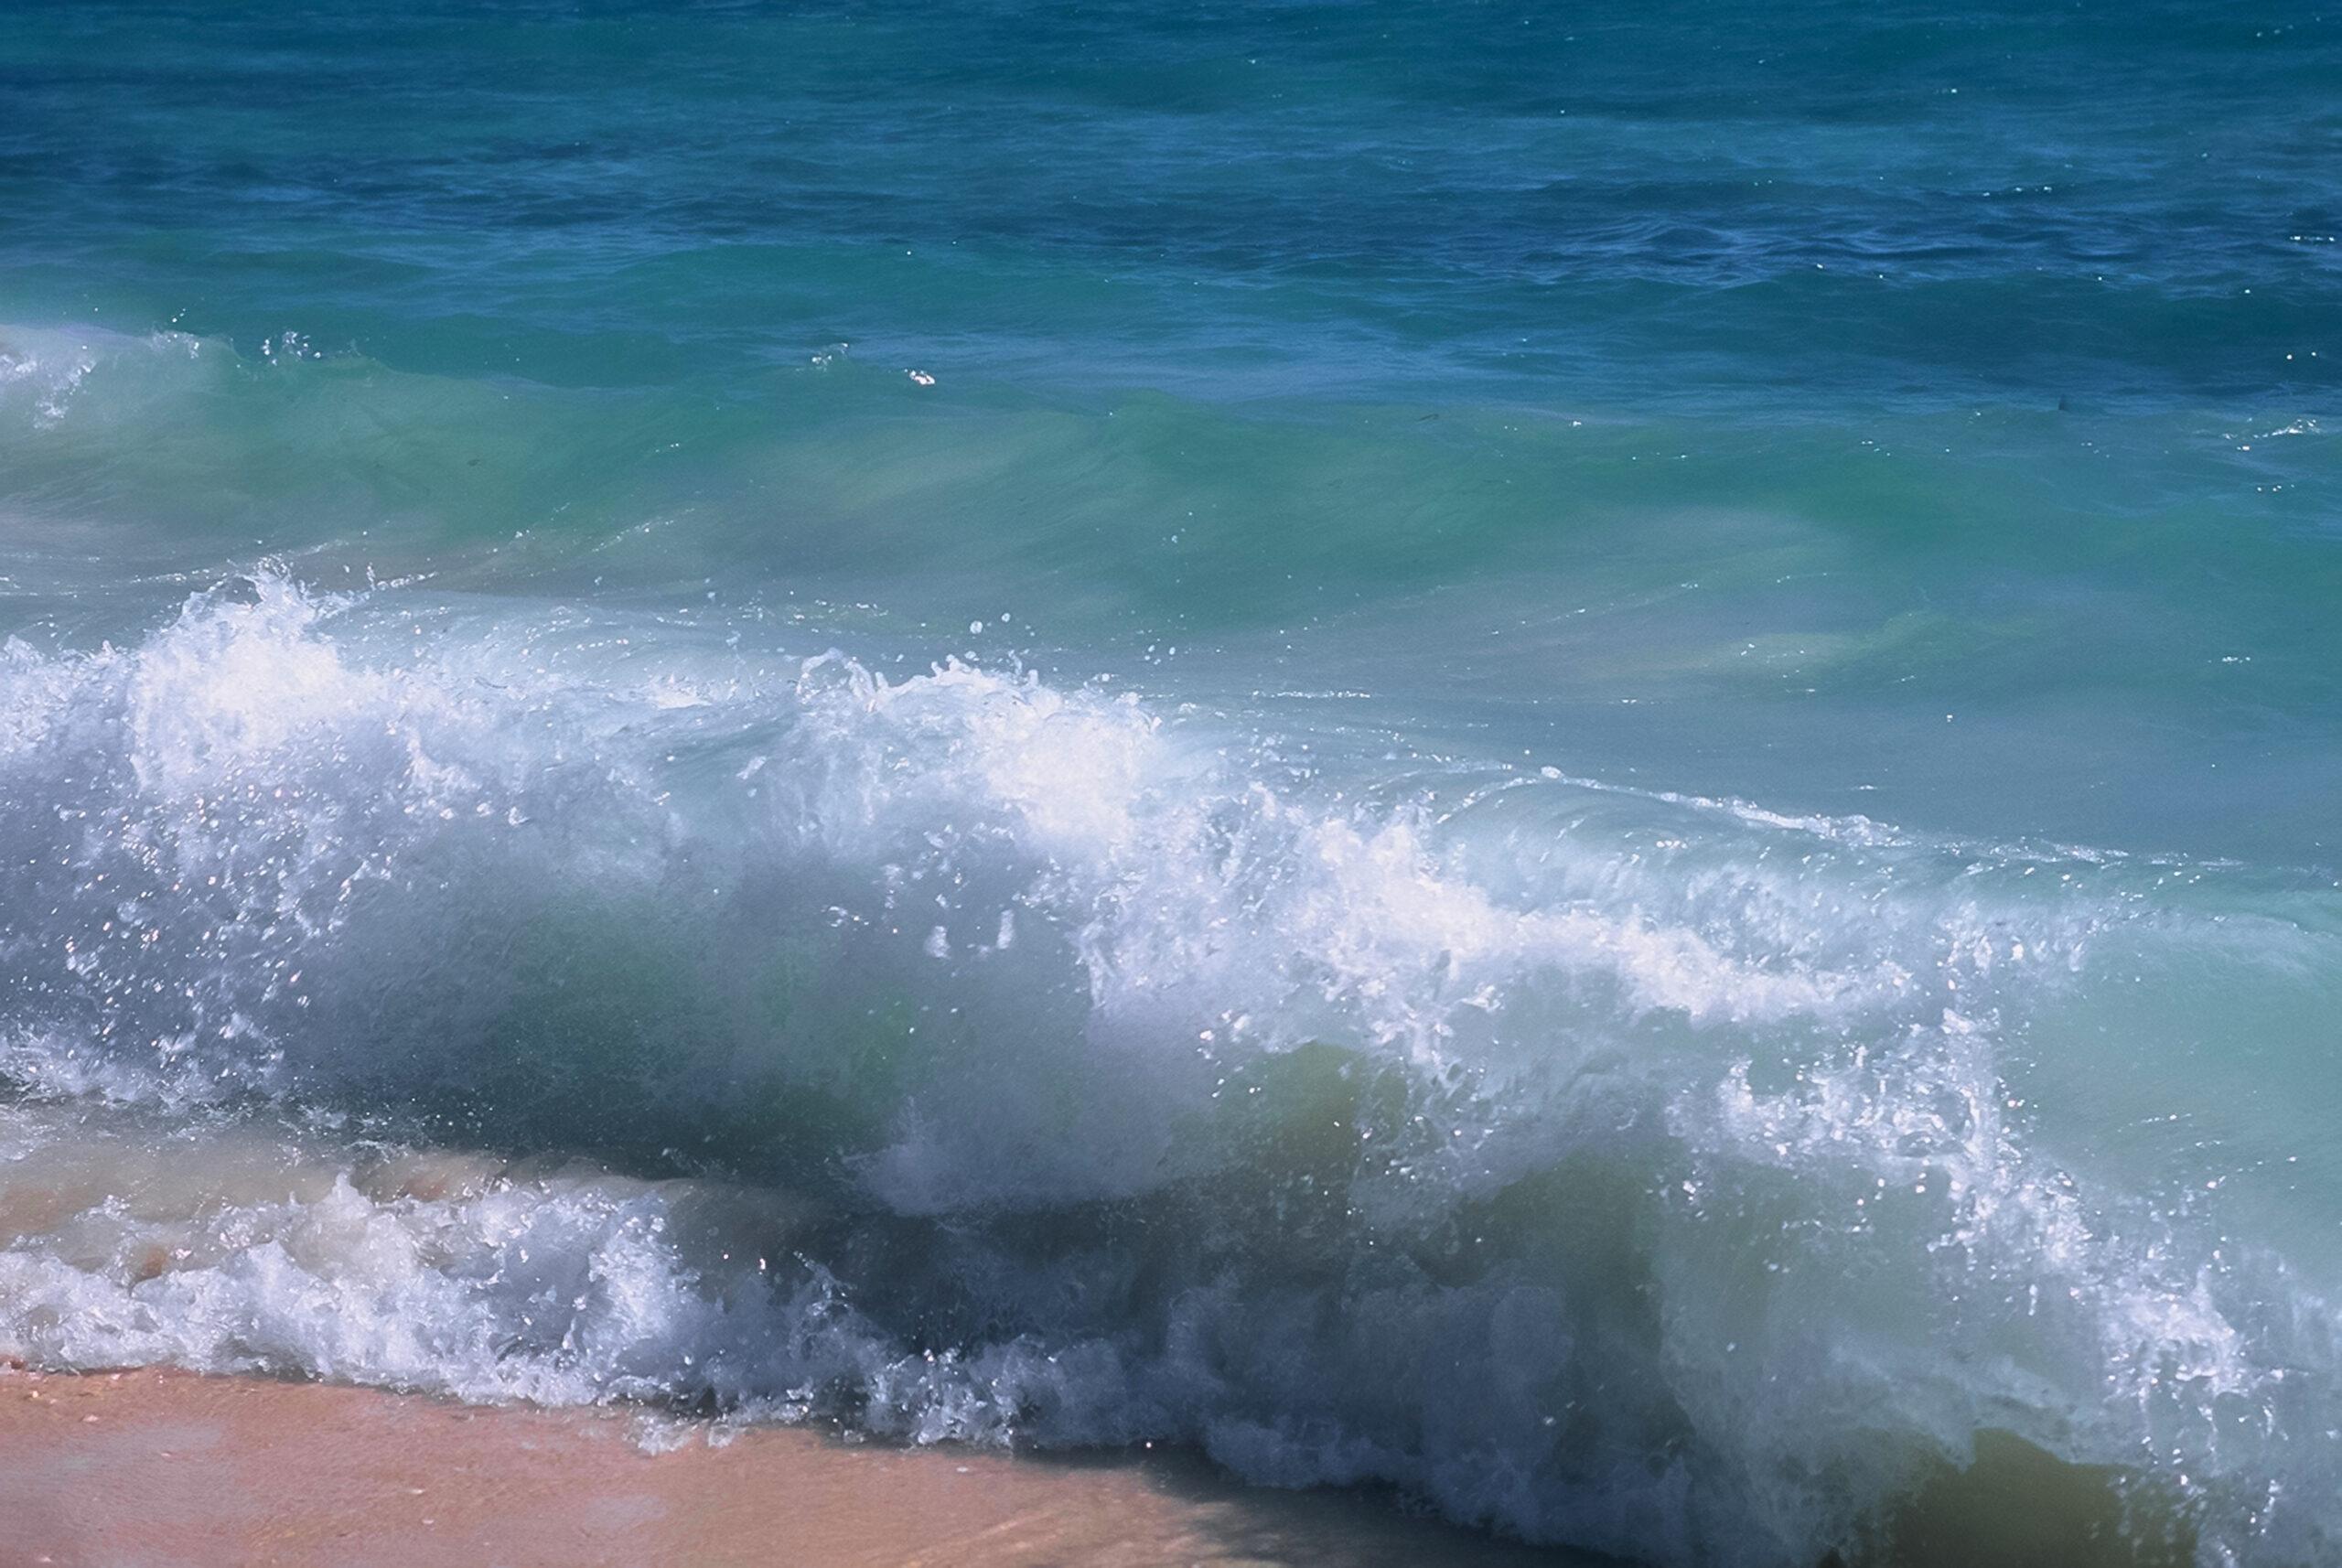 Ocean wave, Australia